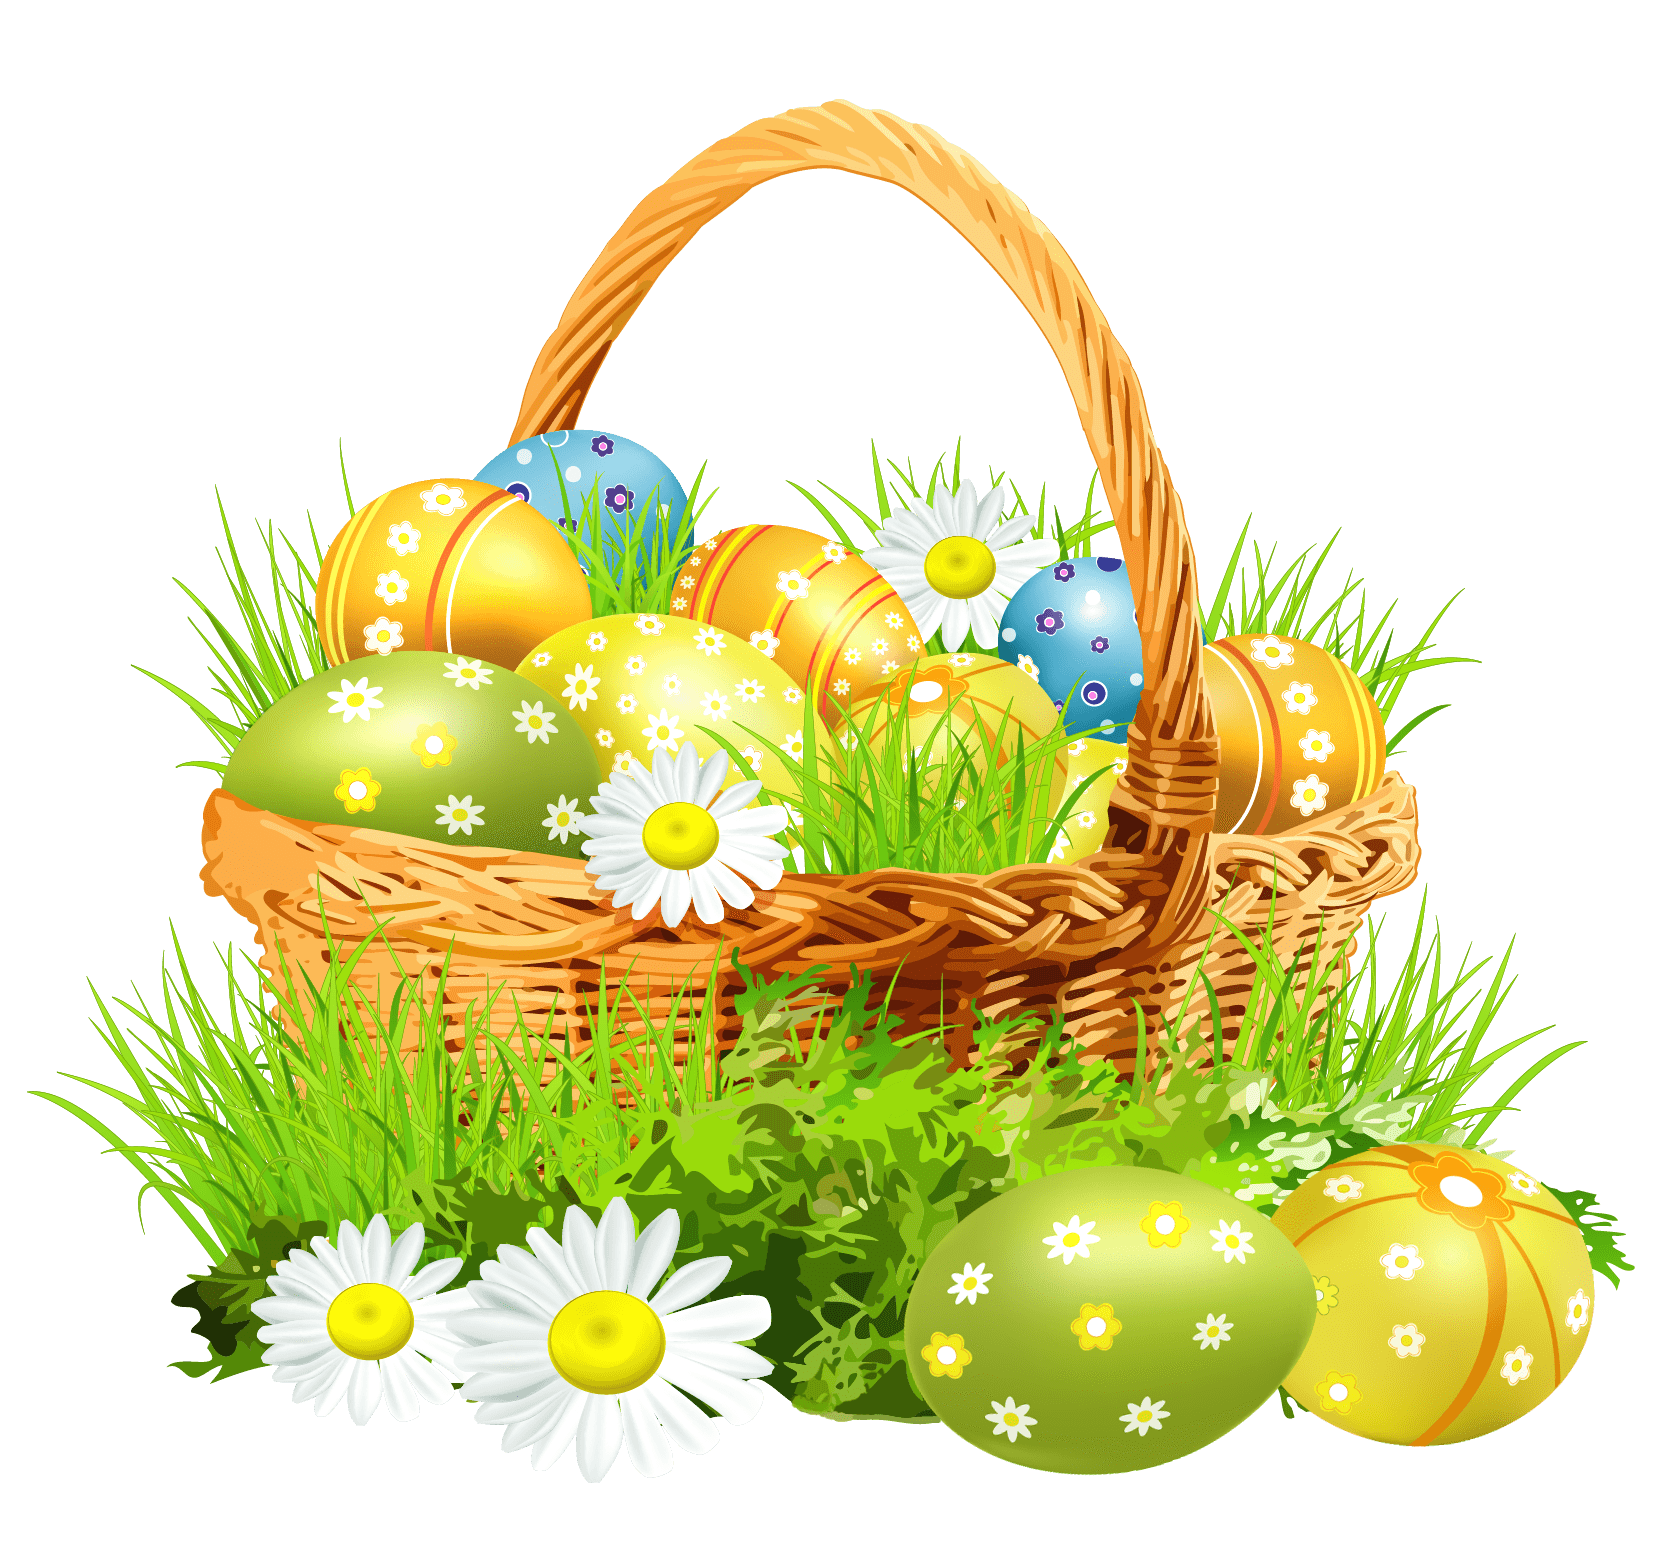 Easter Basket Flowers transparent PNG.